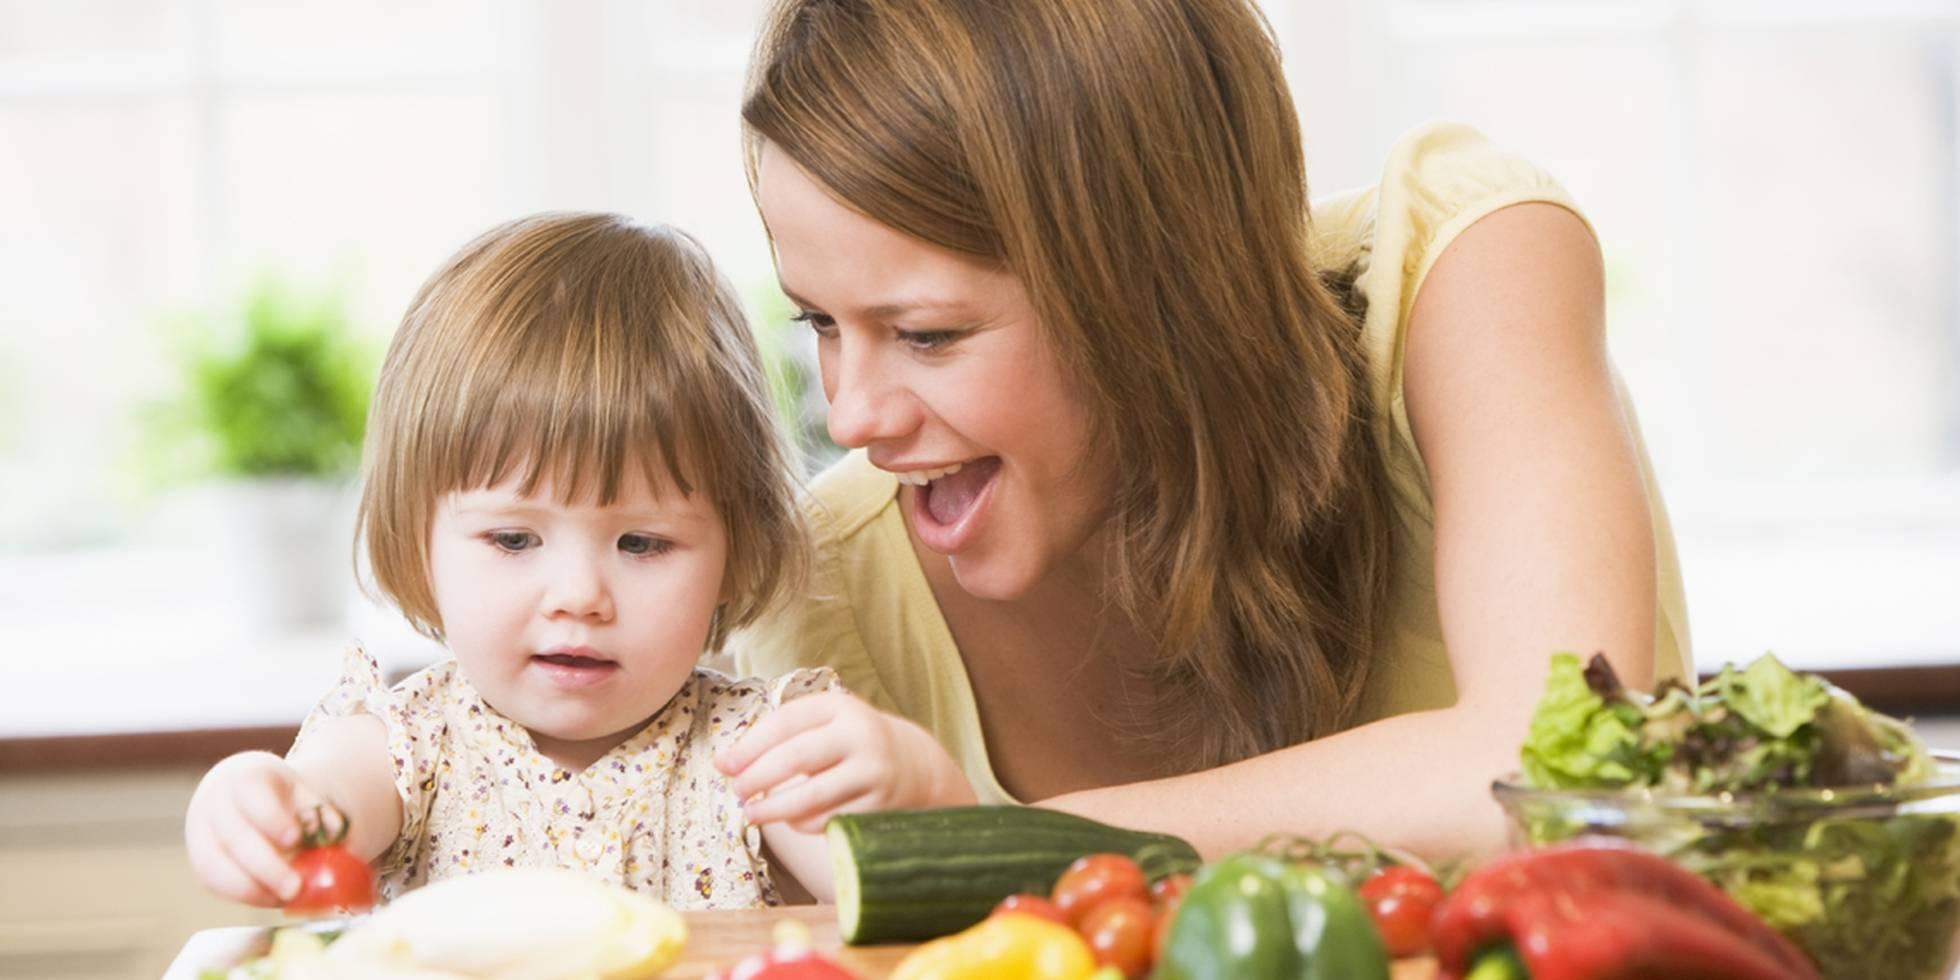 Огурцы при грудном вскармливании новорожденного - можно ли в первый месяц